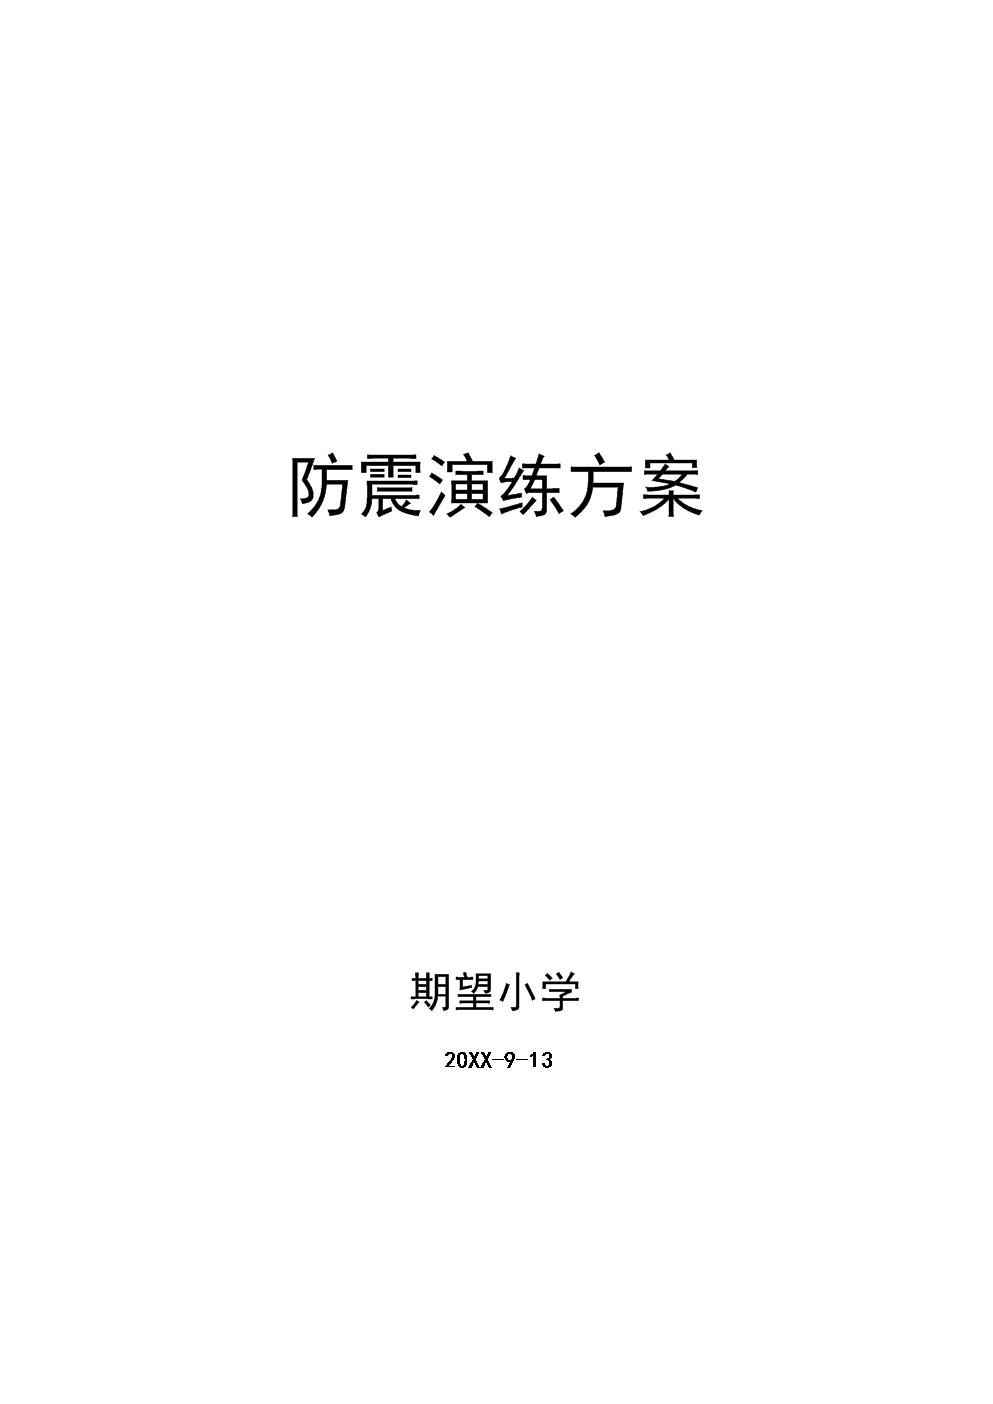 防震安全演练专项方案.doc